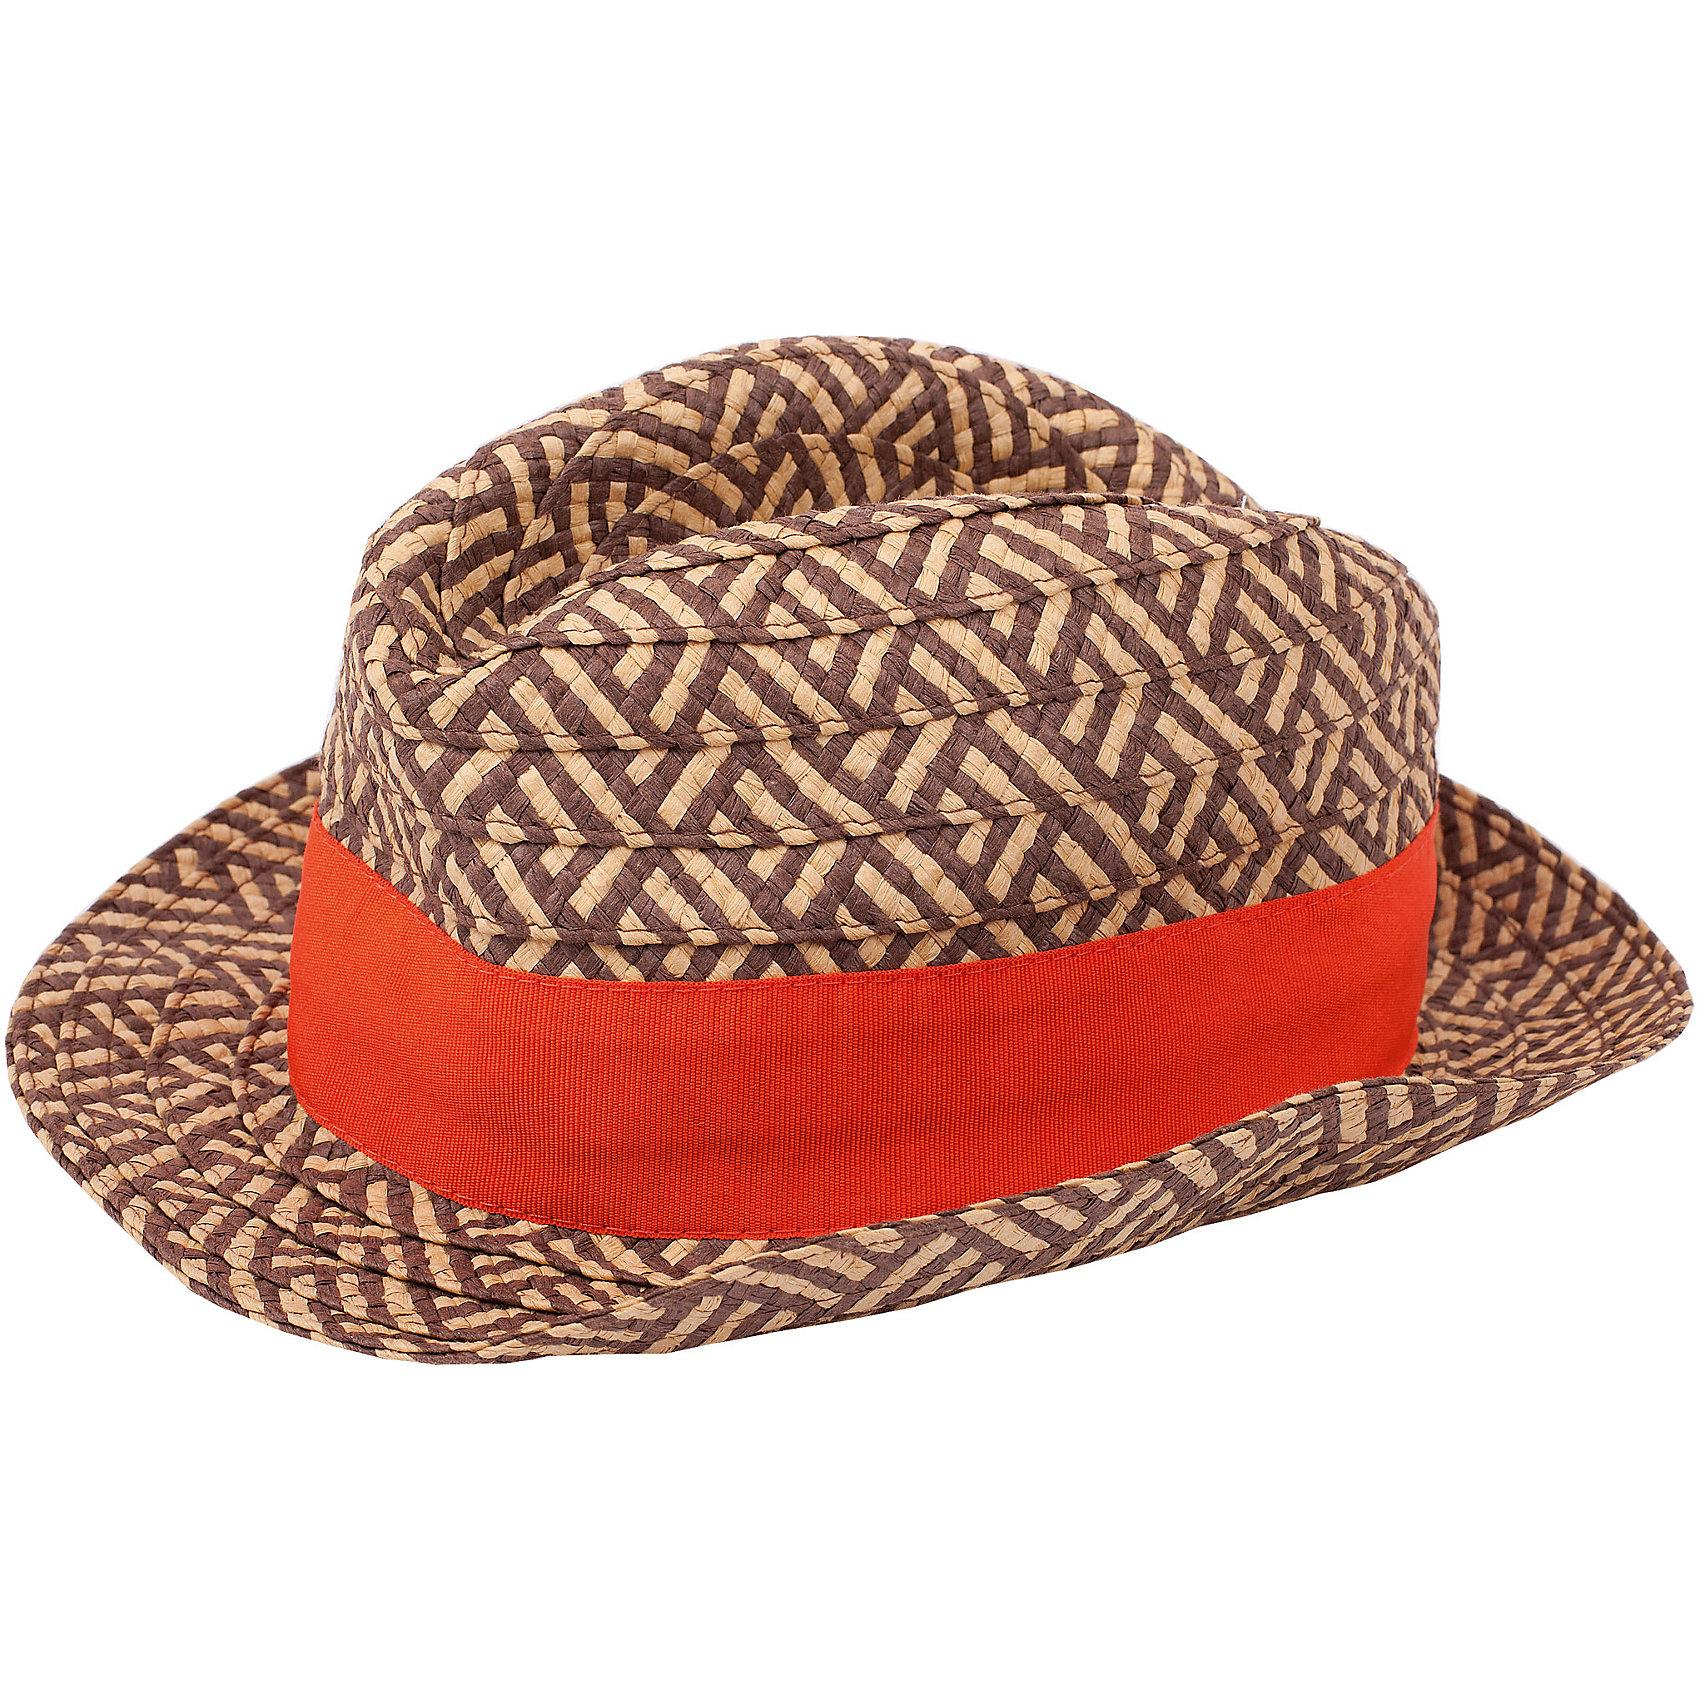 Шляпа для мальчика GulliverШляпа для  мальчика-подростка - модный аксессуар и предмет особой гордости, способный подчеркнуть его индивидуальность. Если вы хотите купить шляпу, обратите внимание на эту модель! Шляпа вызывает восторг взрослых, одобрение сверстников и массу положительных эмоций окружающих.<br>Состав:<br>80% бумага , 20%полиестер<br><br>Ширина мм: 89<br>Глубина мм: 117<br>Высота мм: 44<br>Вес г: 155<br>Цвет: разноцветный<br>Возраст от месяцев: 72<br>Возраст до месяцев: 84<br>Пол: Мужской<br>Возраст: Детский<br>Размер: 54<br>SKU: 4535126